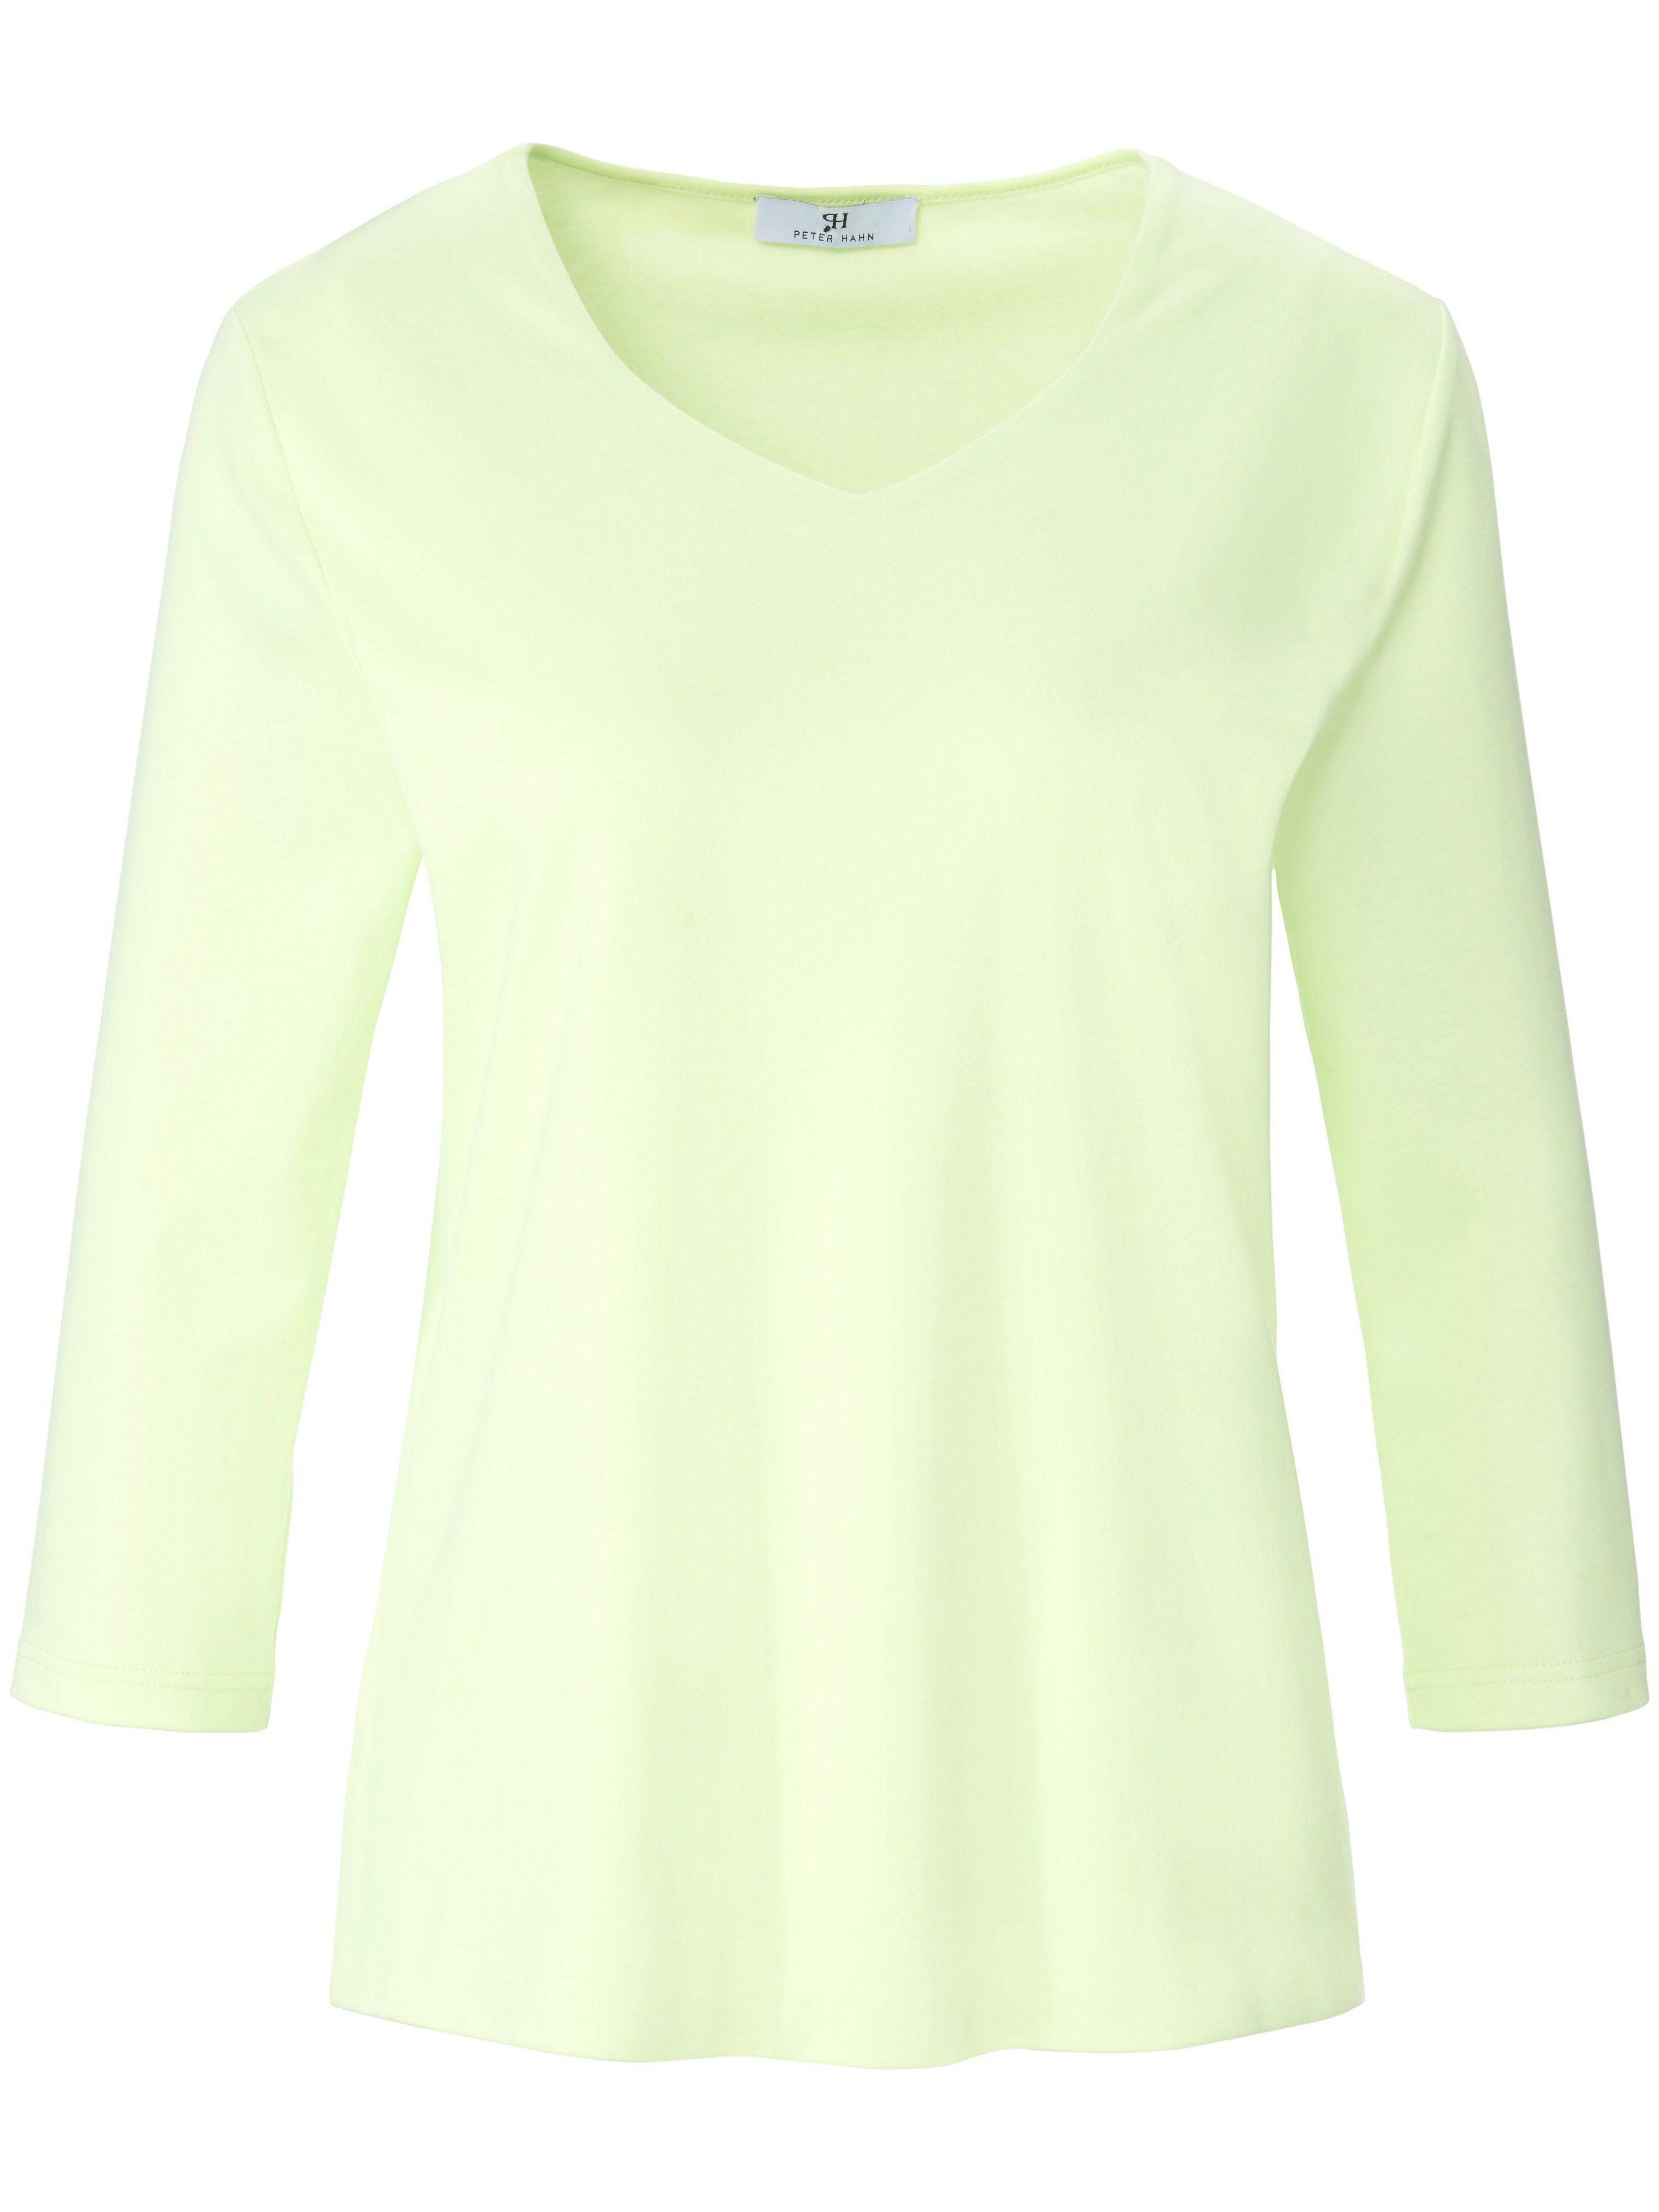 Peter Hahn Le T-shirt manches 3/4  Peter Hahn vert  - Femme - 40